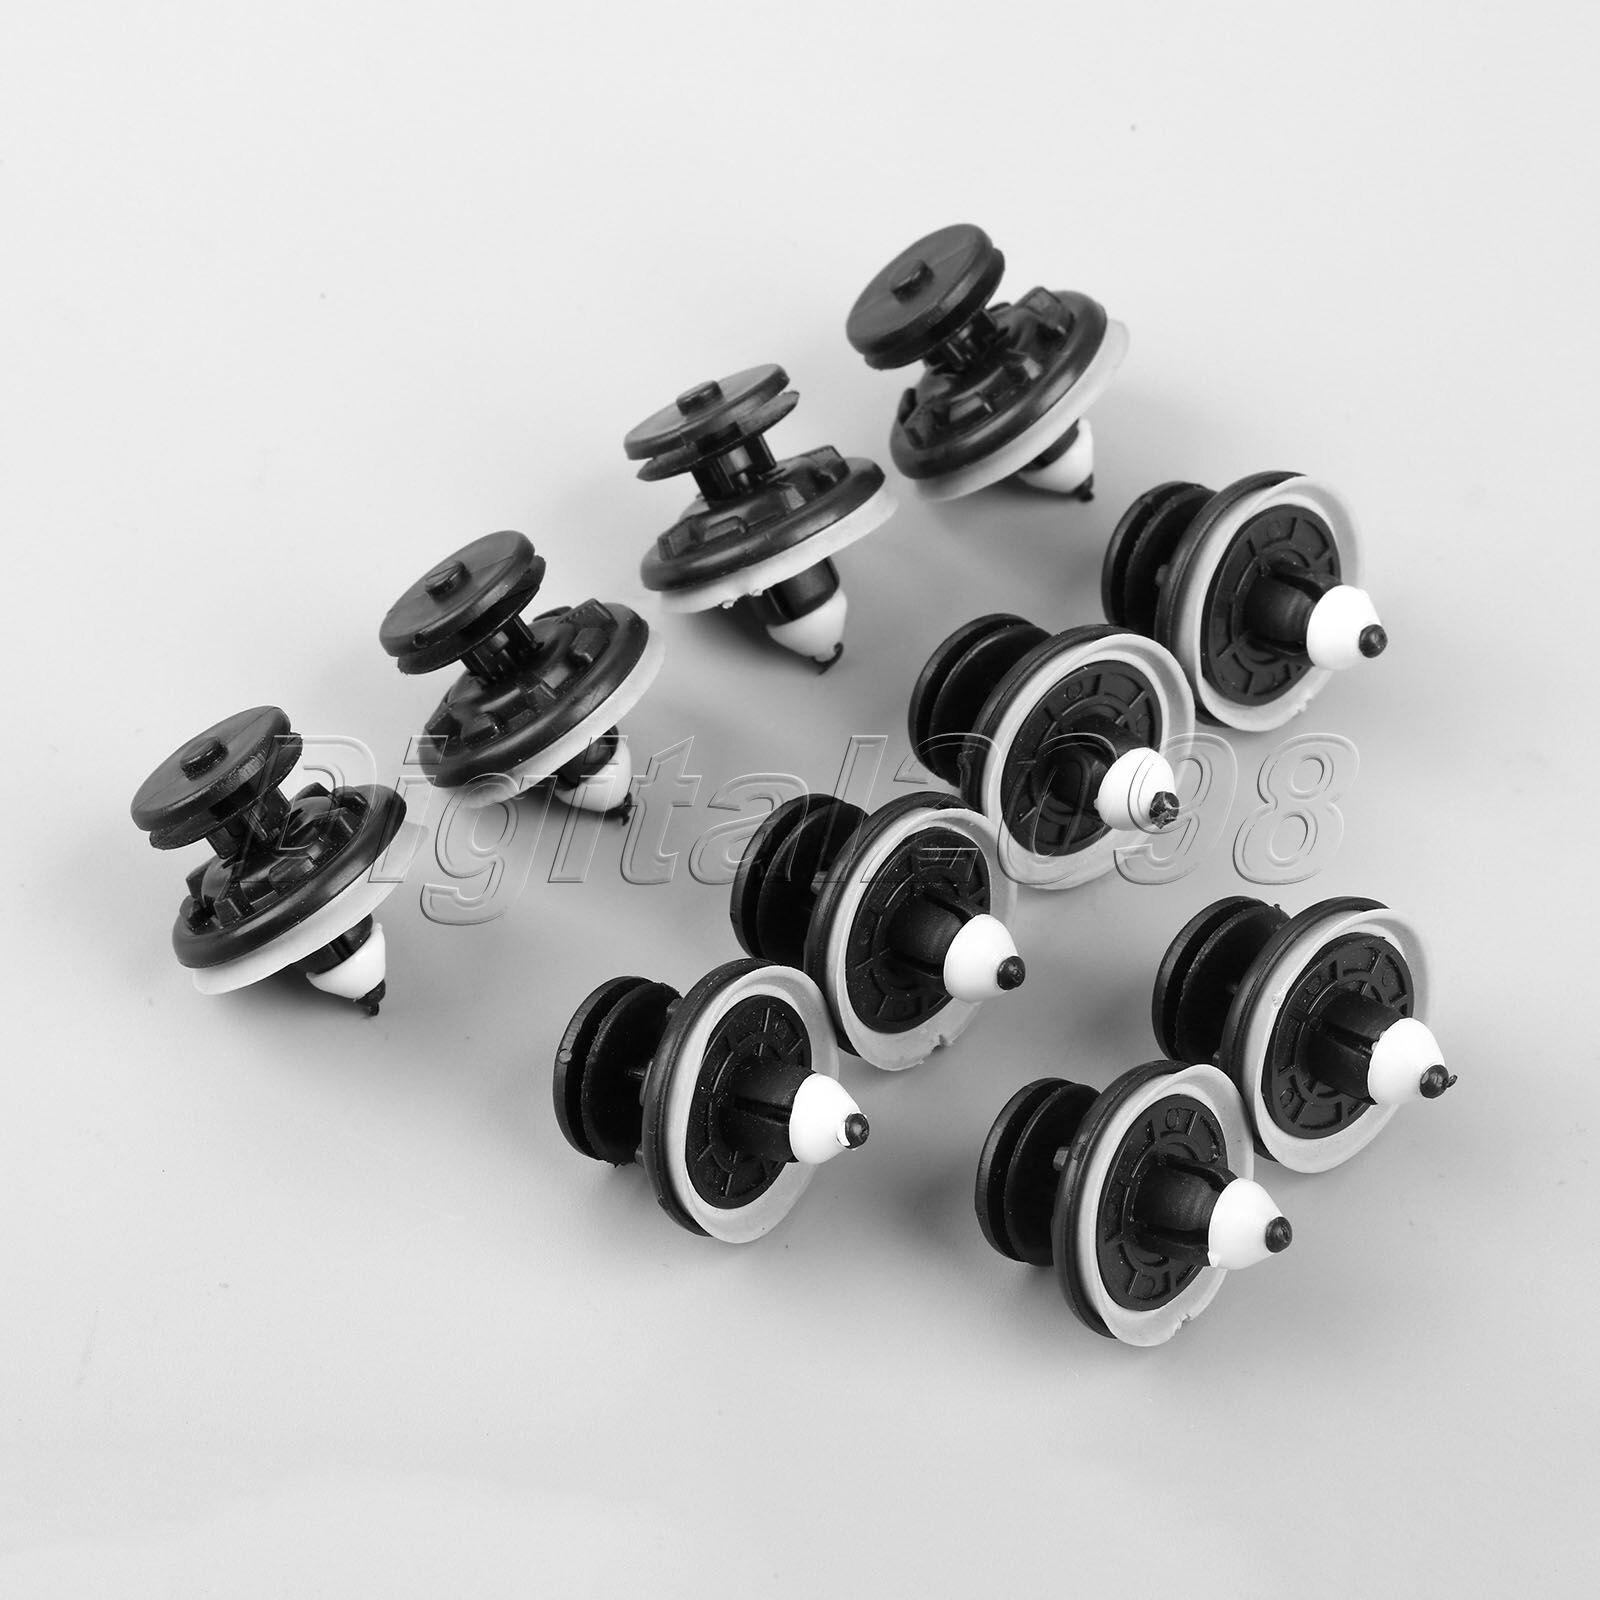 X AUTOHAUX 20pcs 7mm Hole Dia Plastic Bolt Rivets Fastener Rivets Ceiling Lining Trim Panel Clips Black for Car